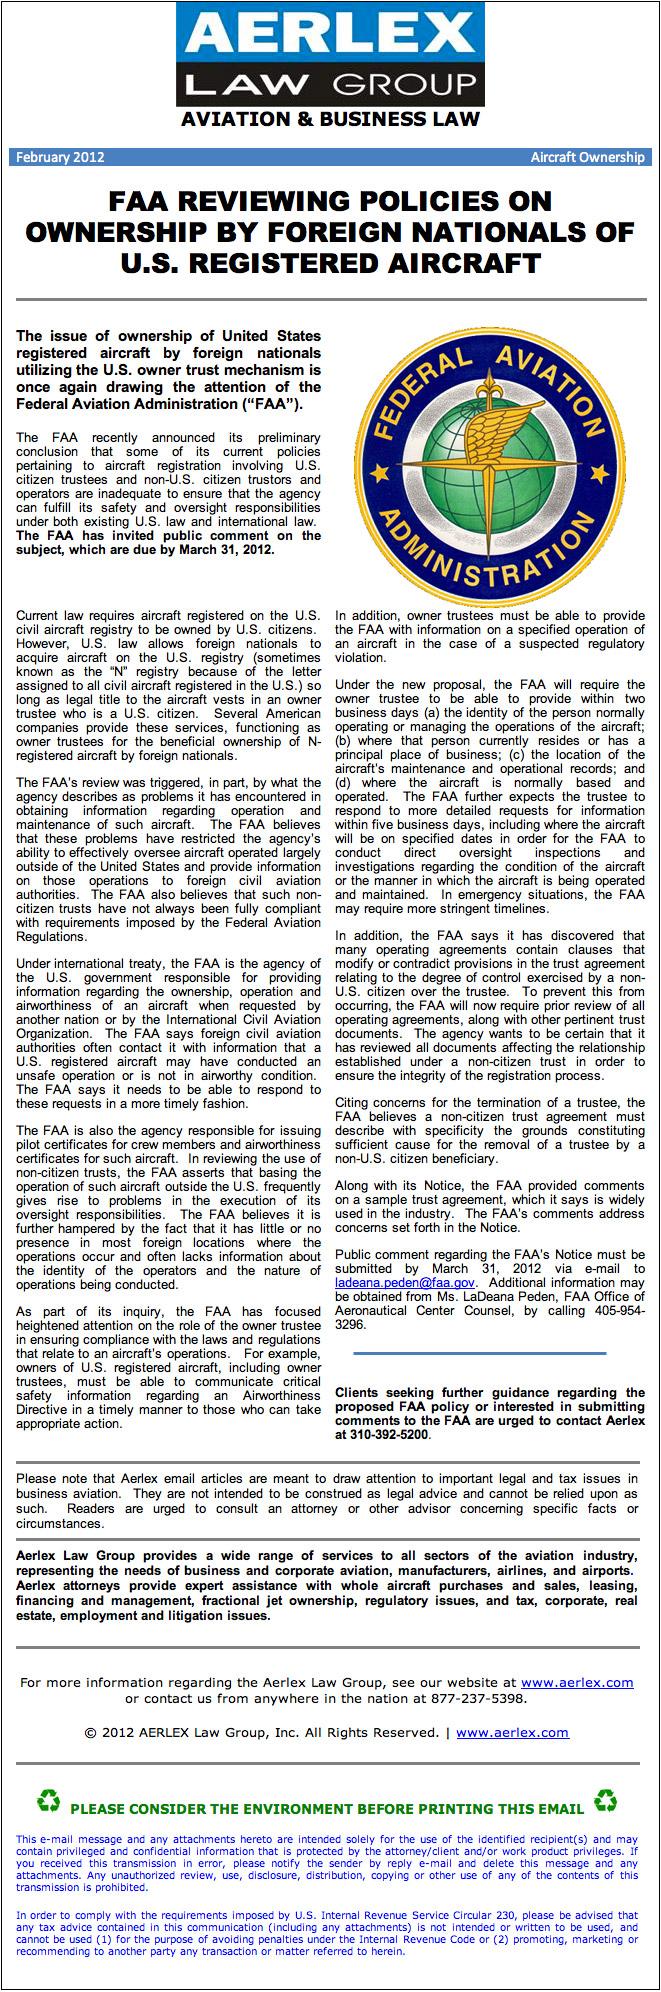 Aerlex Law Group Newsletter - February 2012